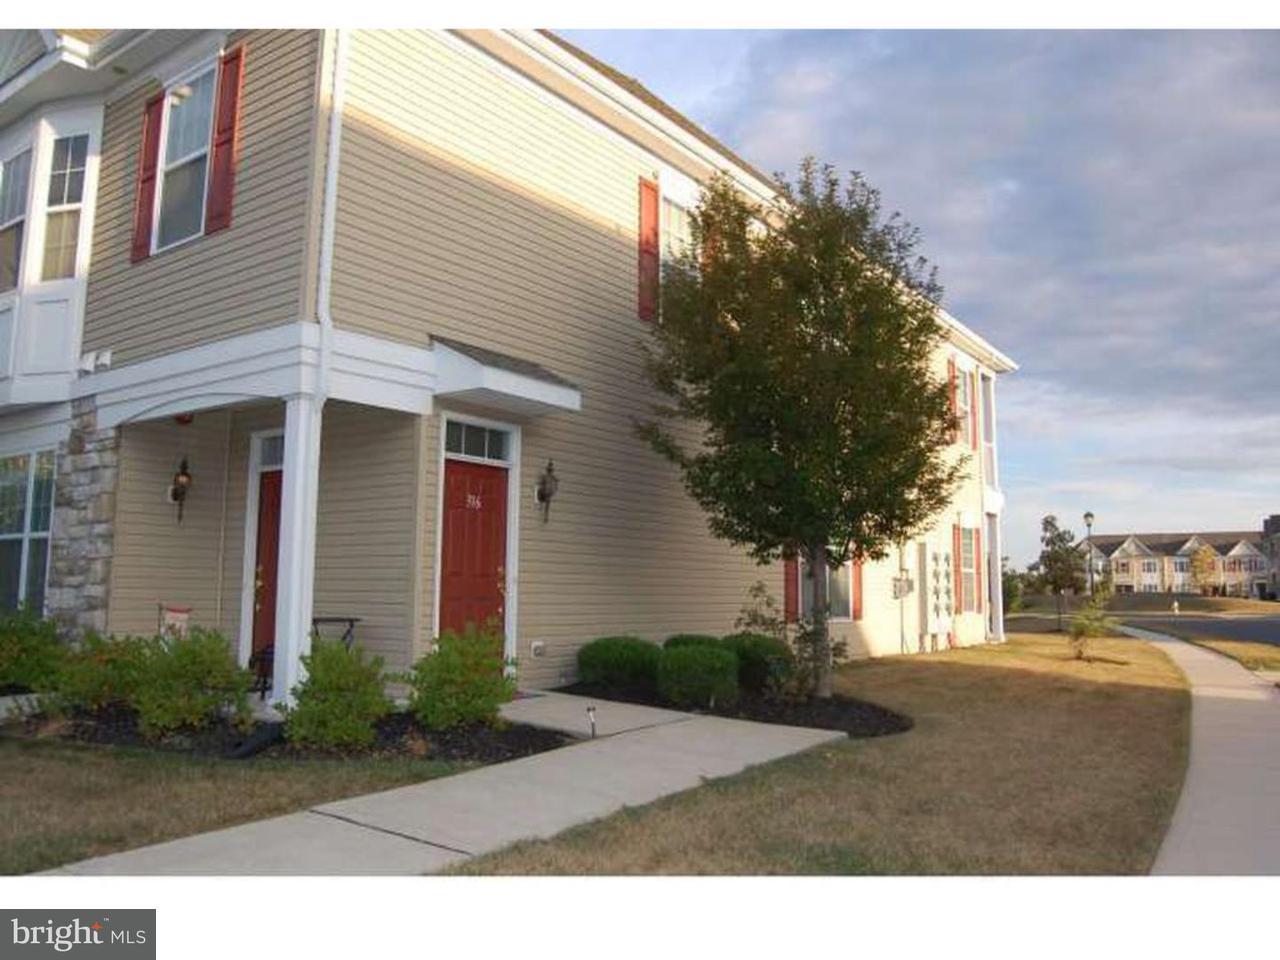 Casa unifamiliar adosada (Townhouse) por un Alquiler en 316 RAPHAEL Court Williamstown, Nueva Jersey 08094 Estados UnidosEn/Alrededor: Monroe Township